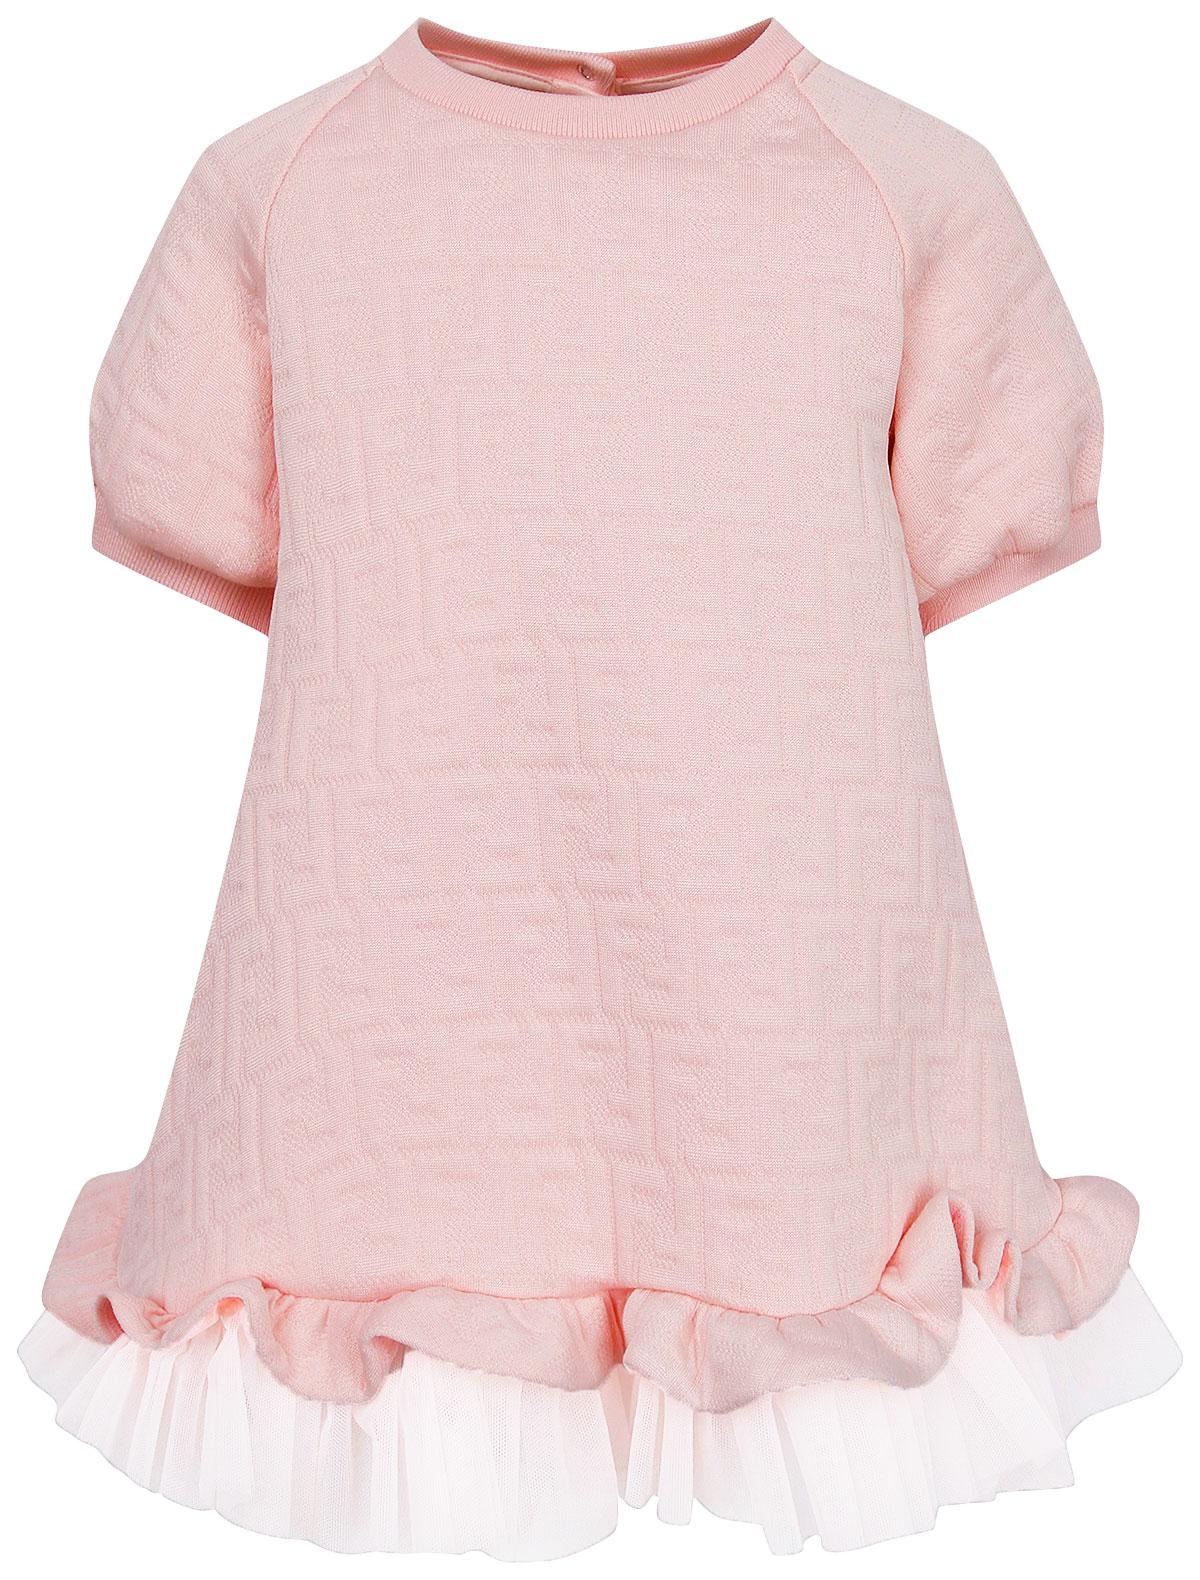 Купить 2244195, Платье Fendi, розовый, Женский, 1054609081945